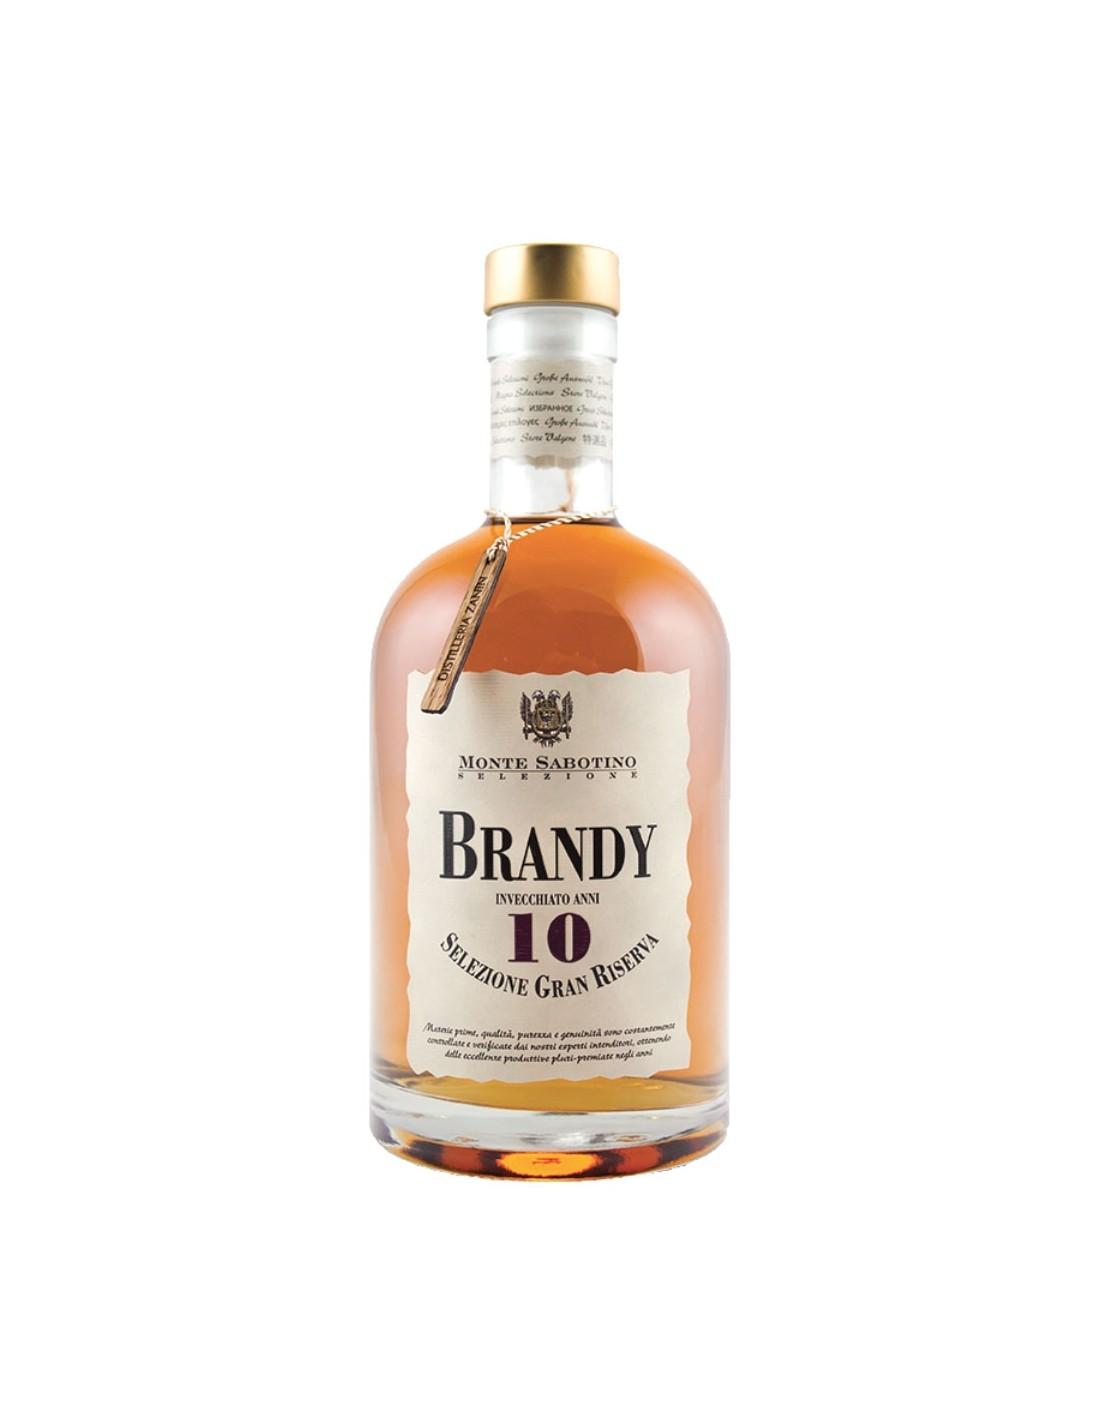 Brandy Monte Sabotino 10 ani Gran Riserva Astuccio, 40% alc., 0.7L, Italia